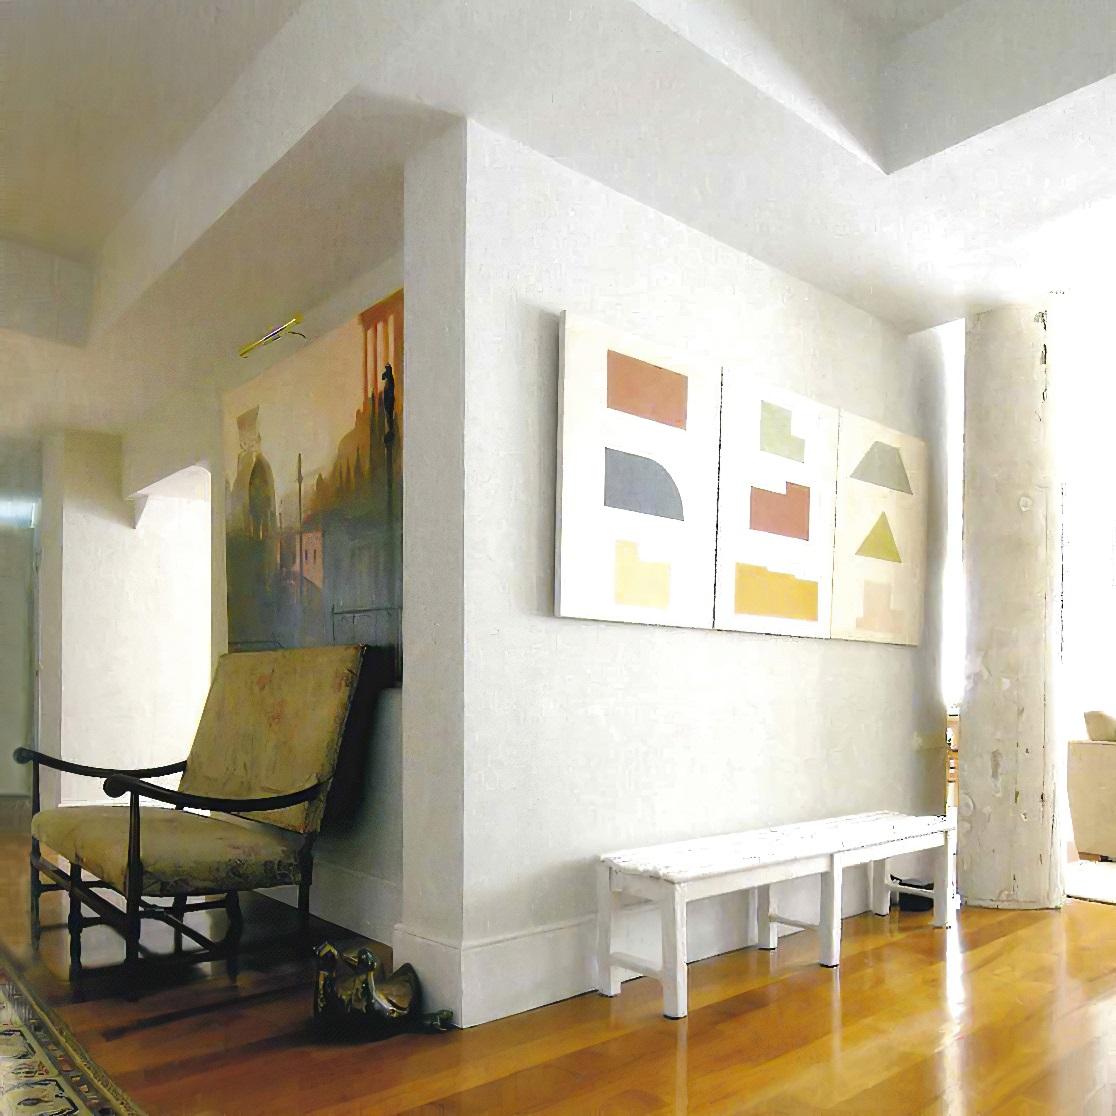 Reforma en el Viso ATGestion estudio arquitectura Perfect Pixel Publicidad